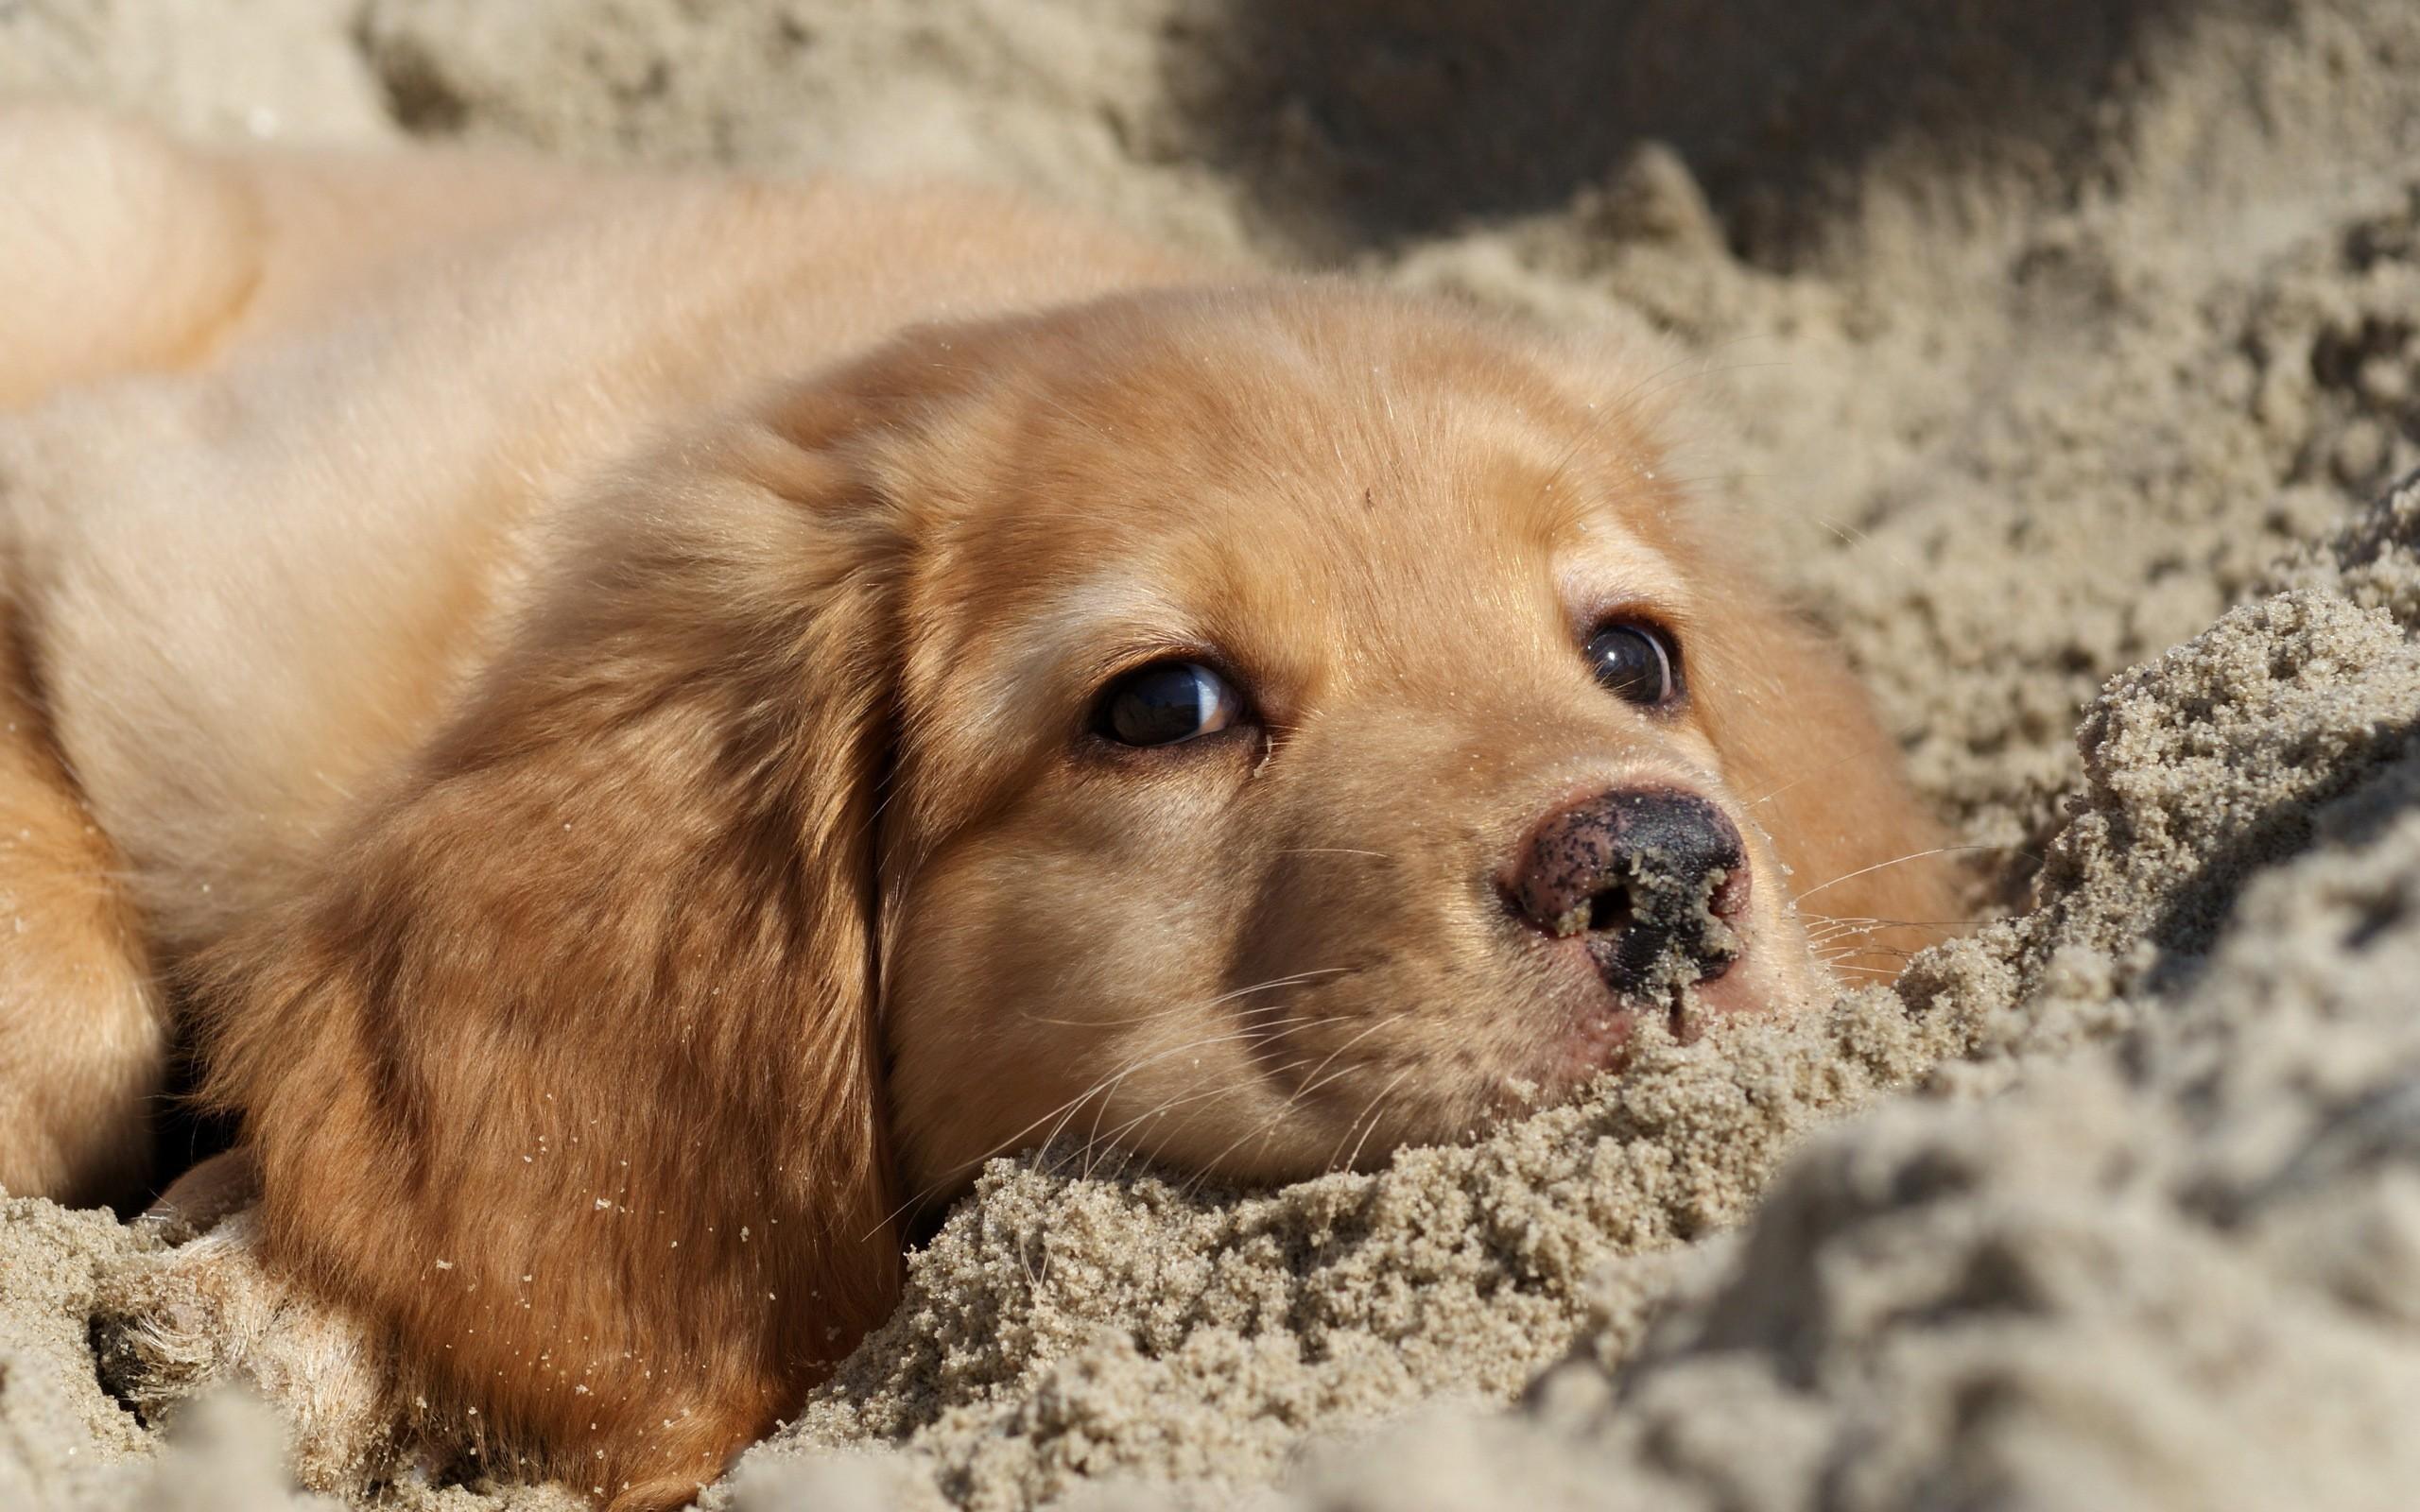 30 Hd Golden Retriever Dog Wallpapers